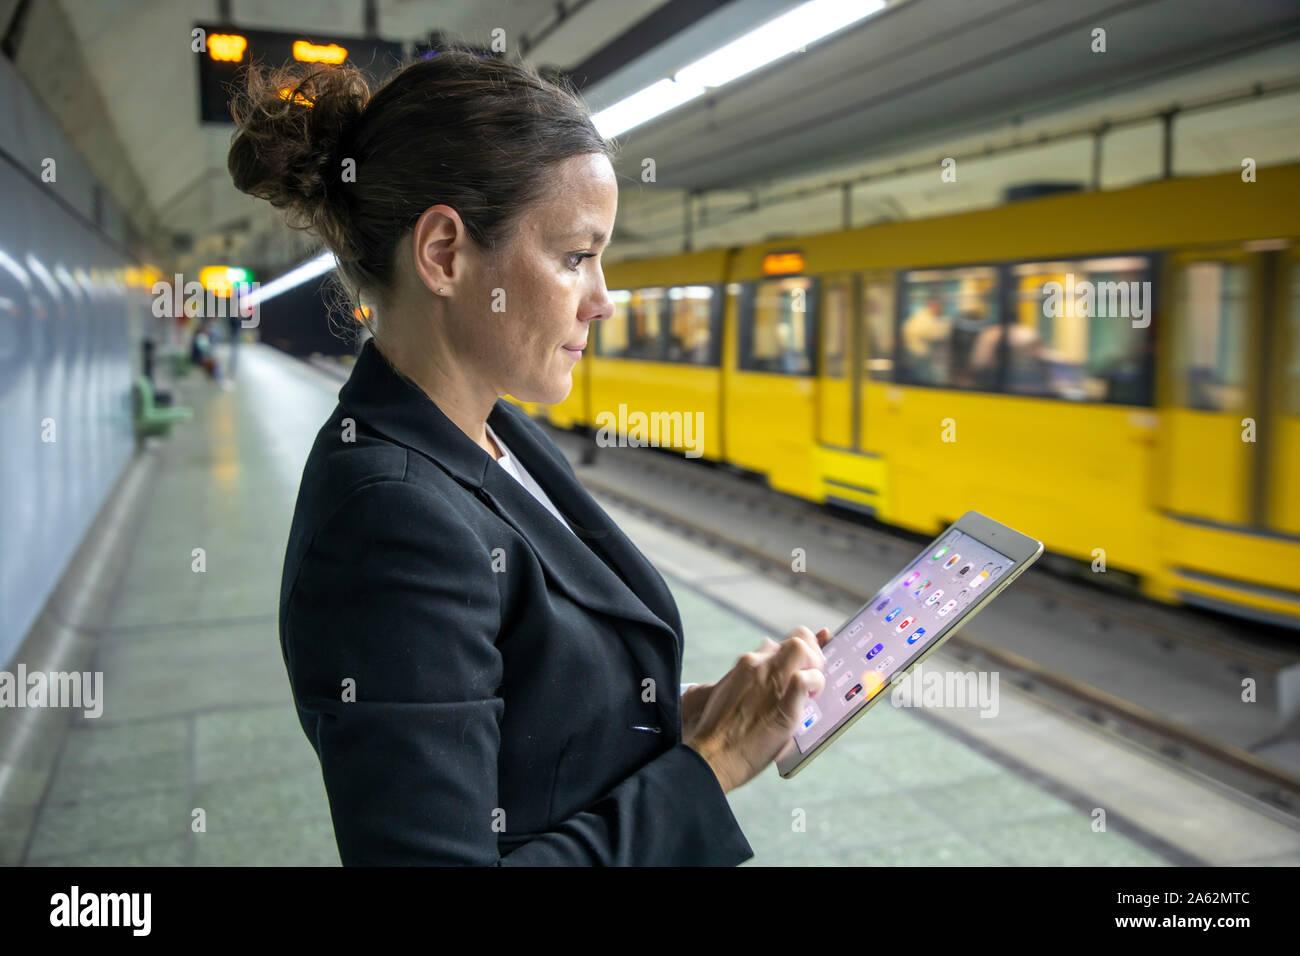 Una donna che lavora fino, dalla strada al lavoro, sulla strada, mobile, stazione metropolitana, Foto Stock